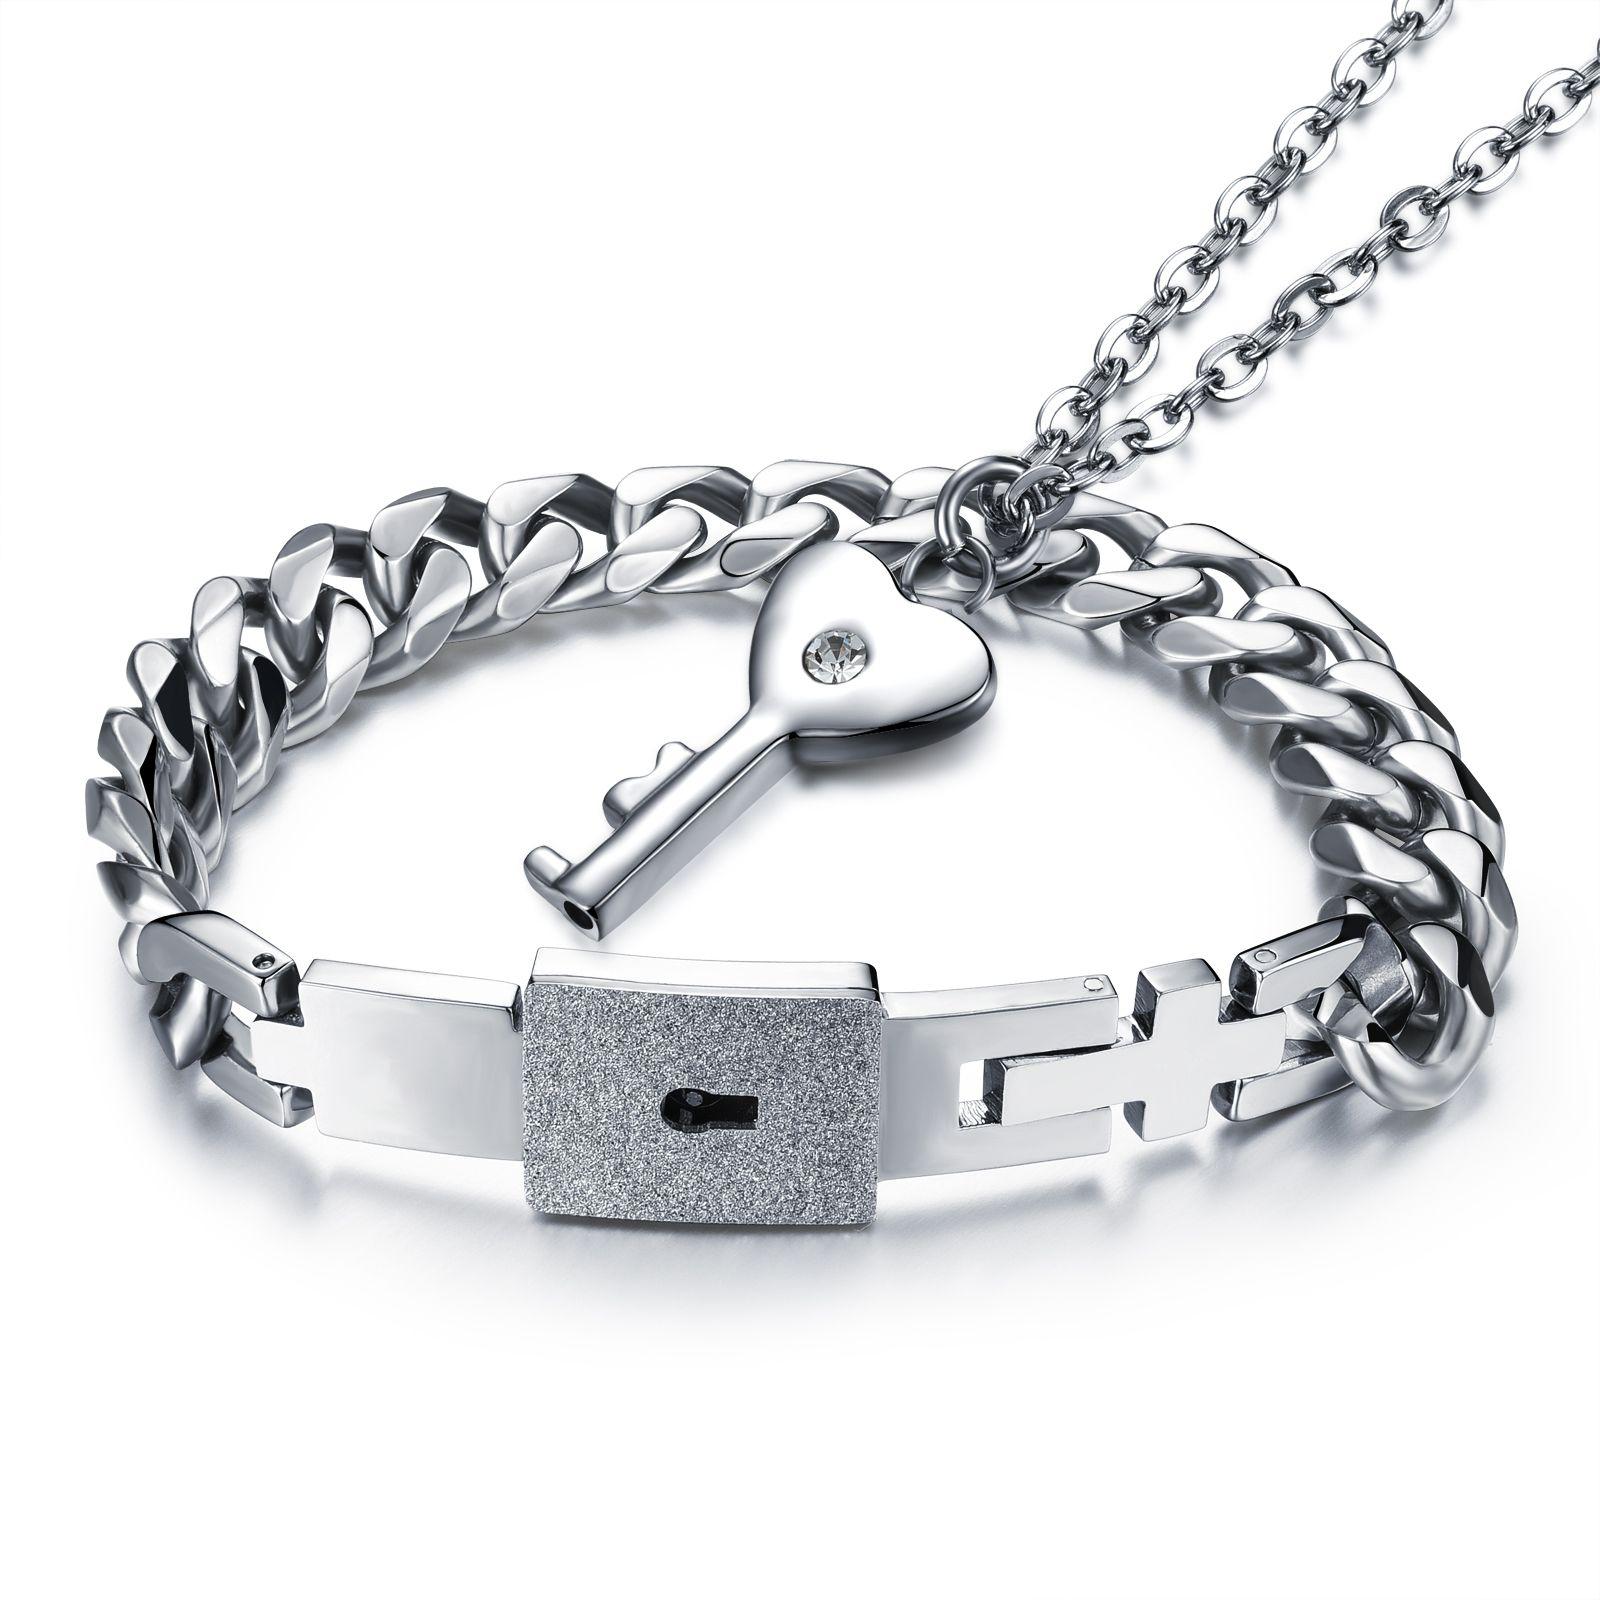 2 unids su y su acero inoxidable amor corazón bloqueo brazalete corazón clave collar parejas parejas amantes conjunto de la joyería regalo del día de san valentín